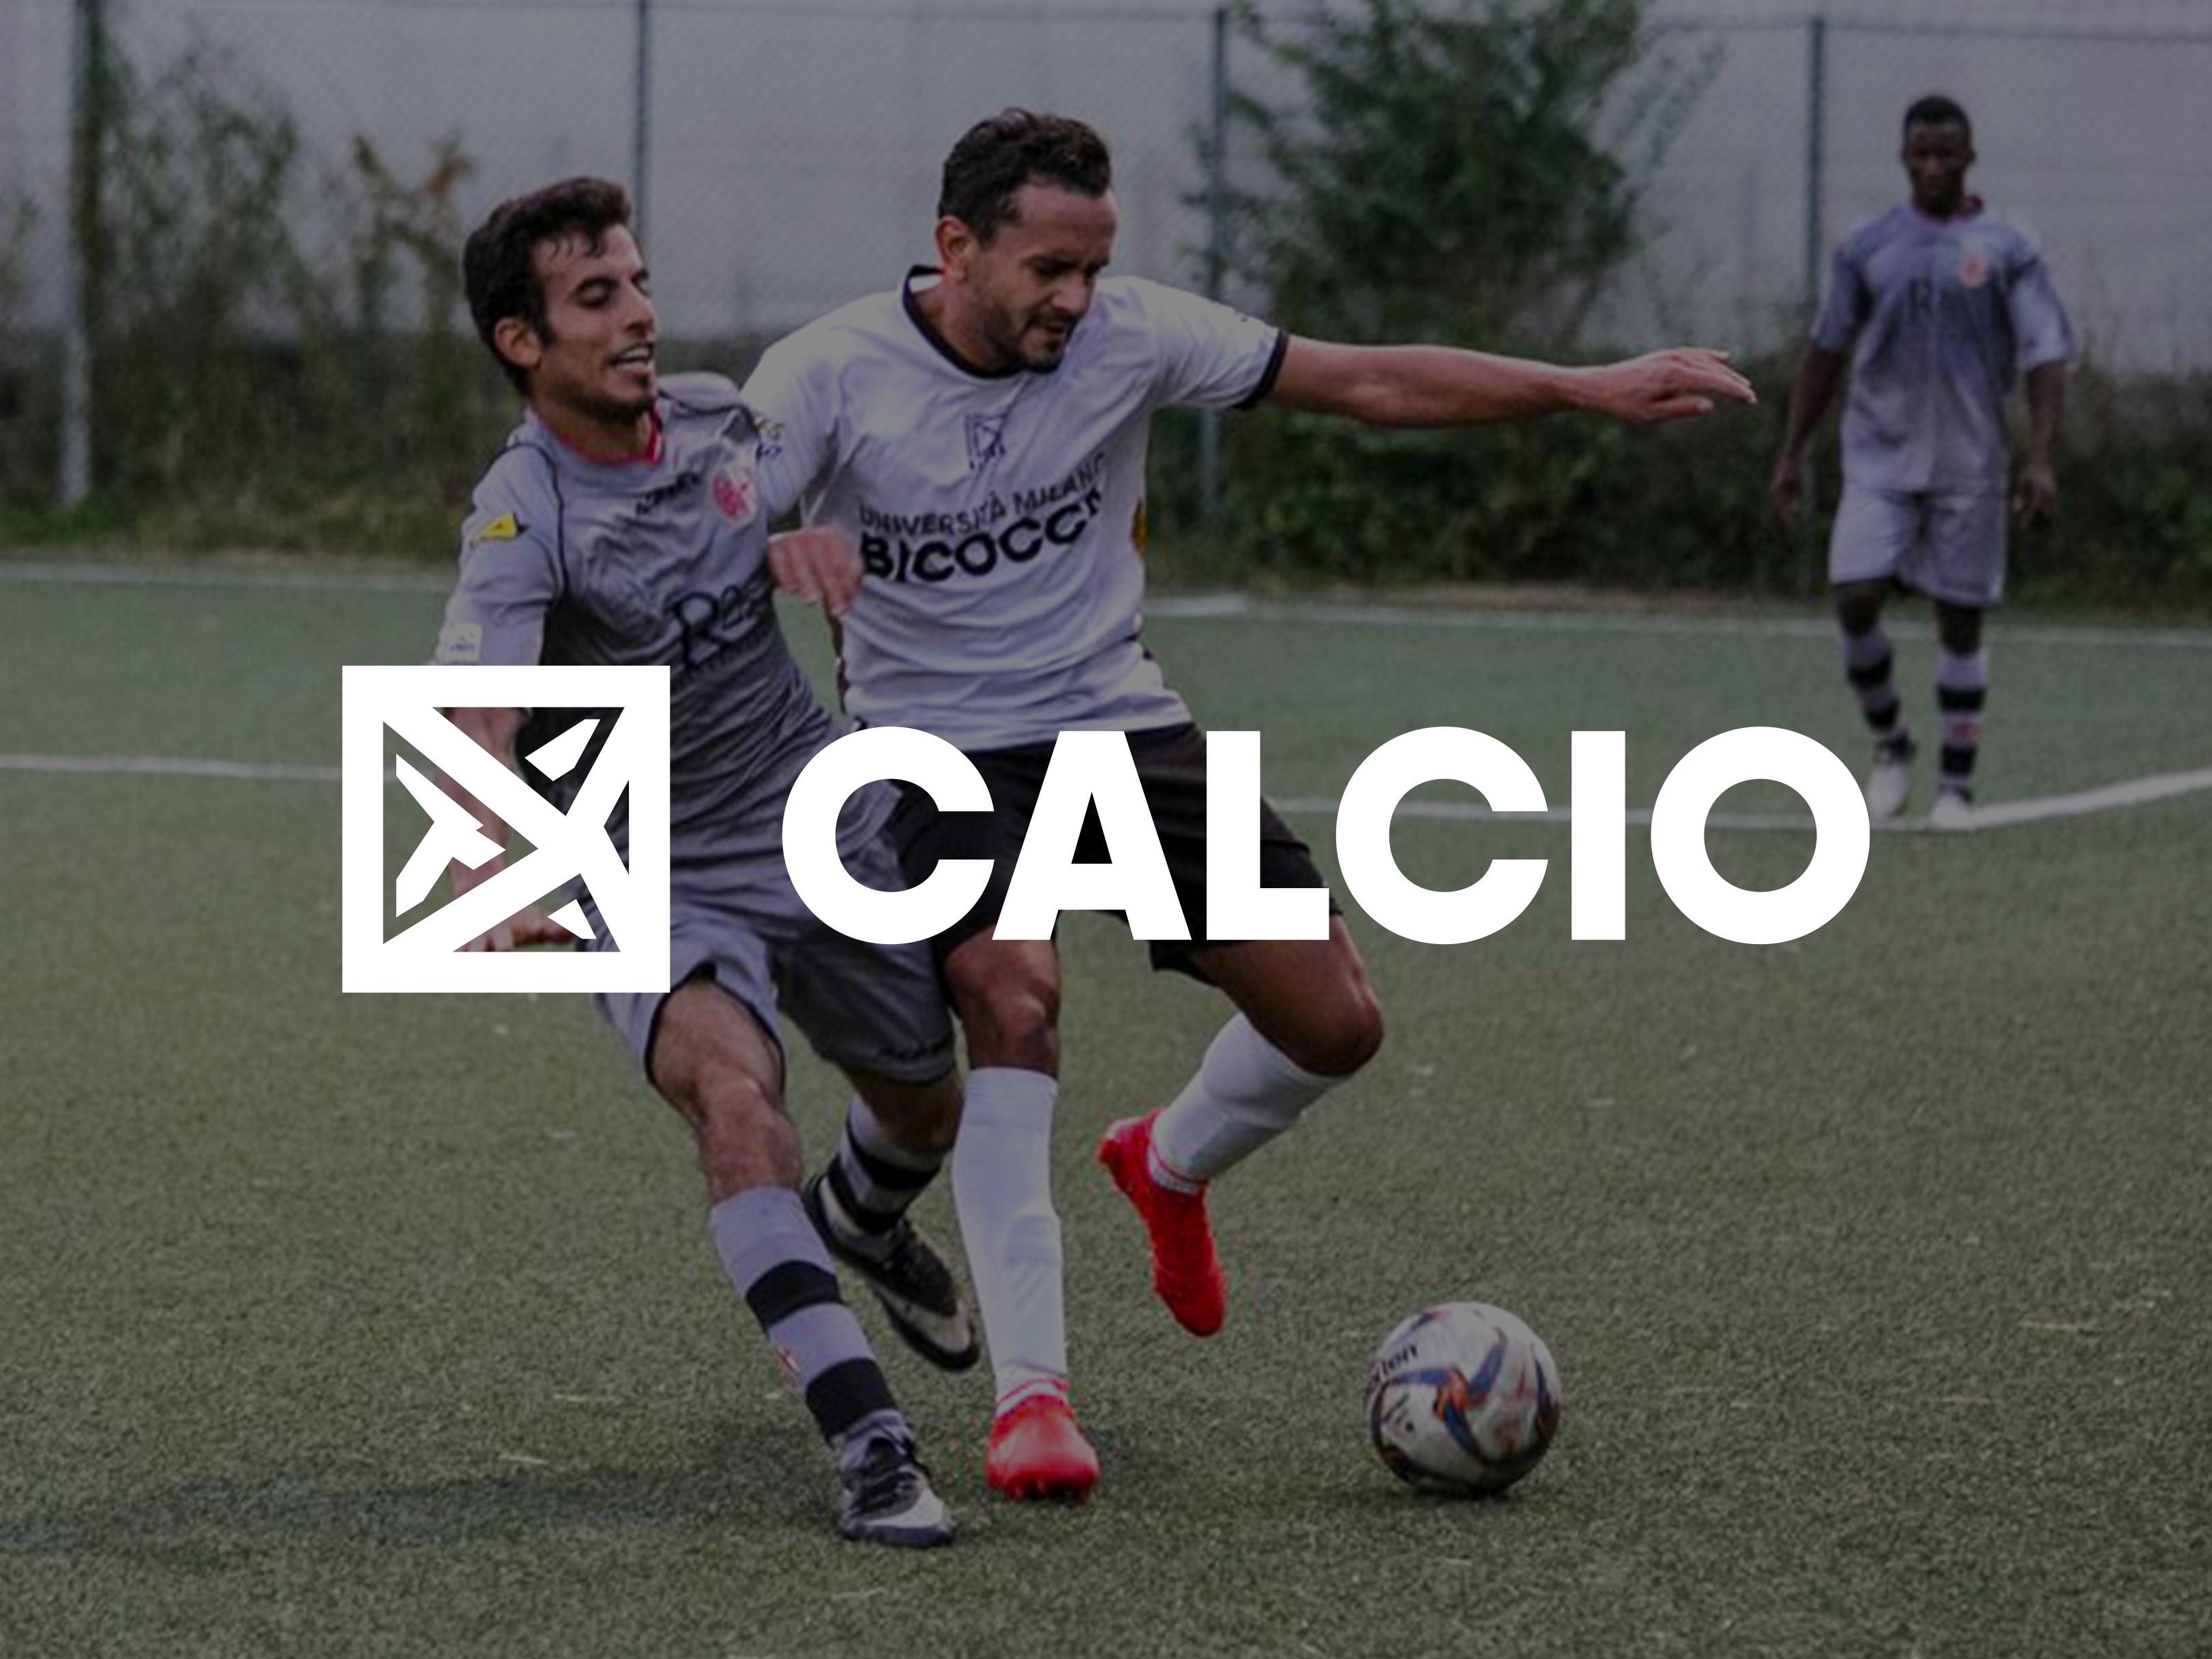 Sport Bicocca: CALCIO